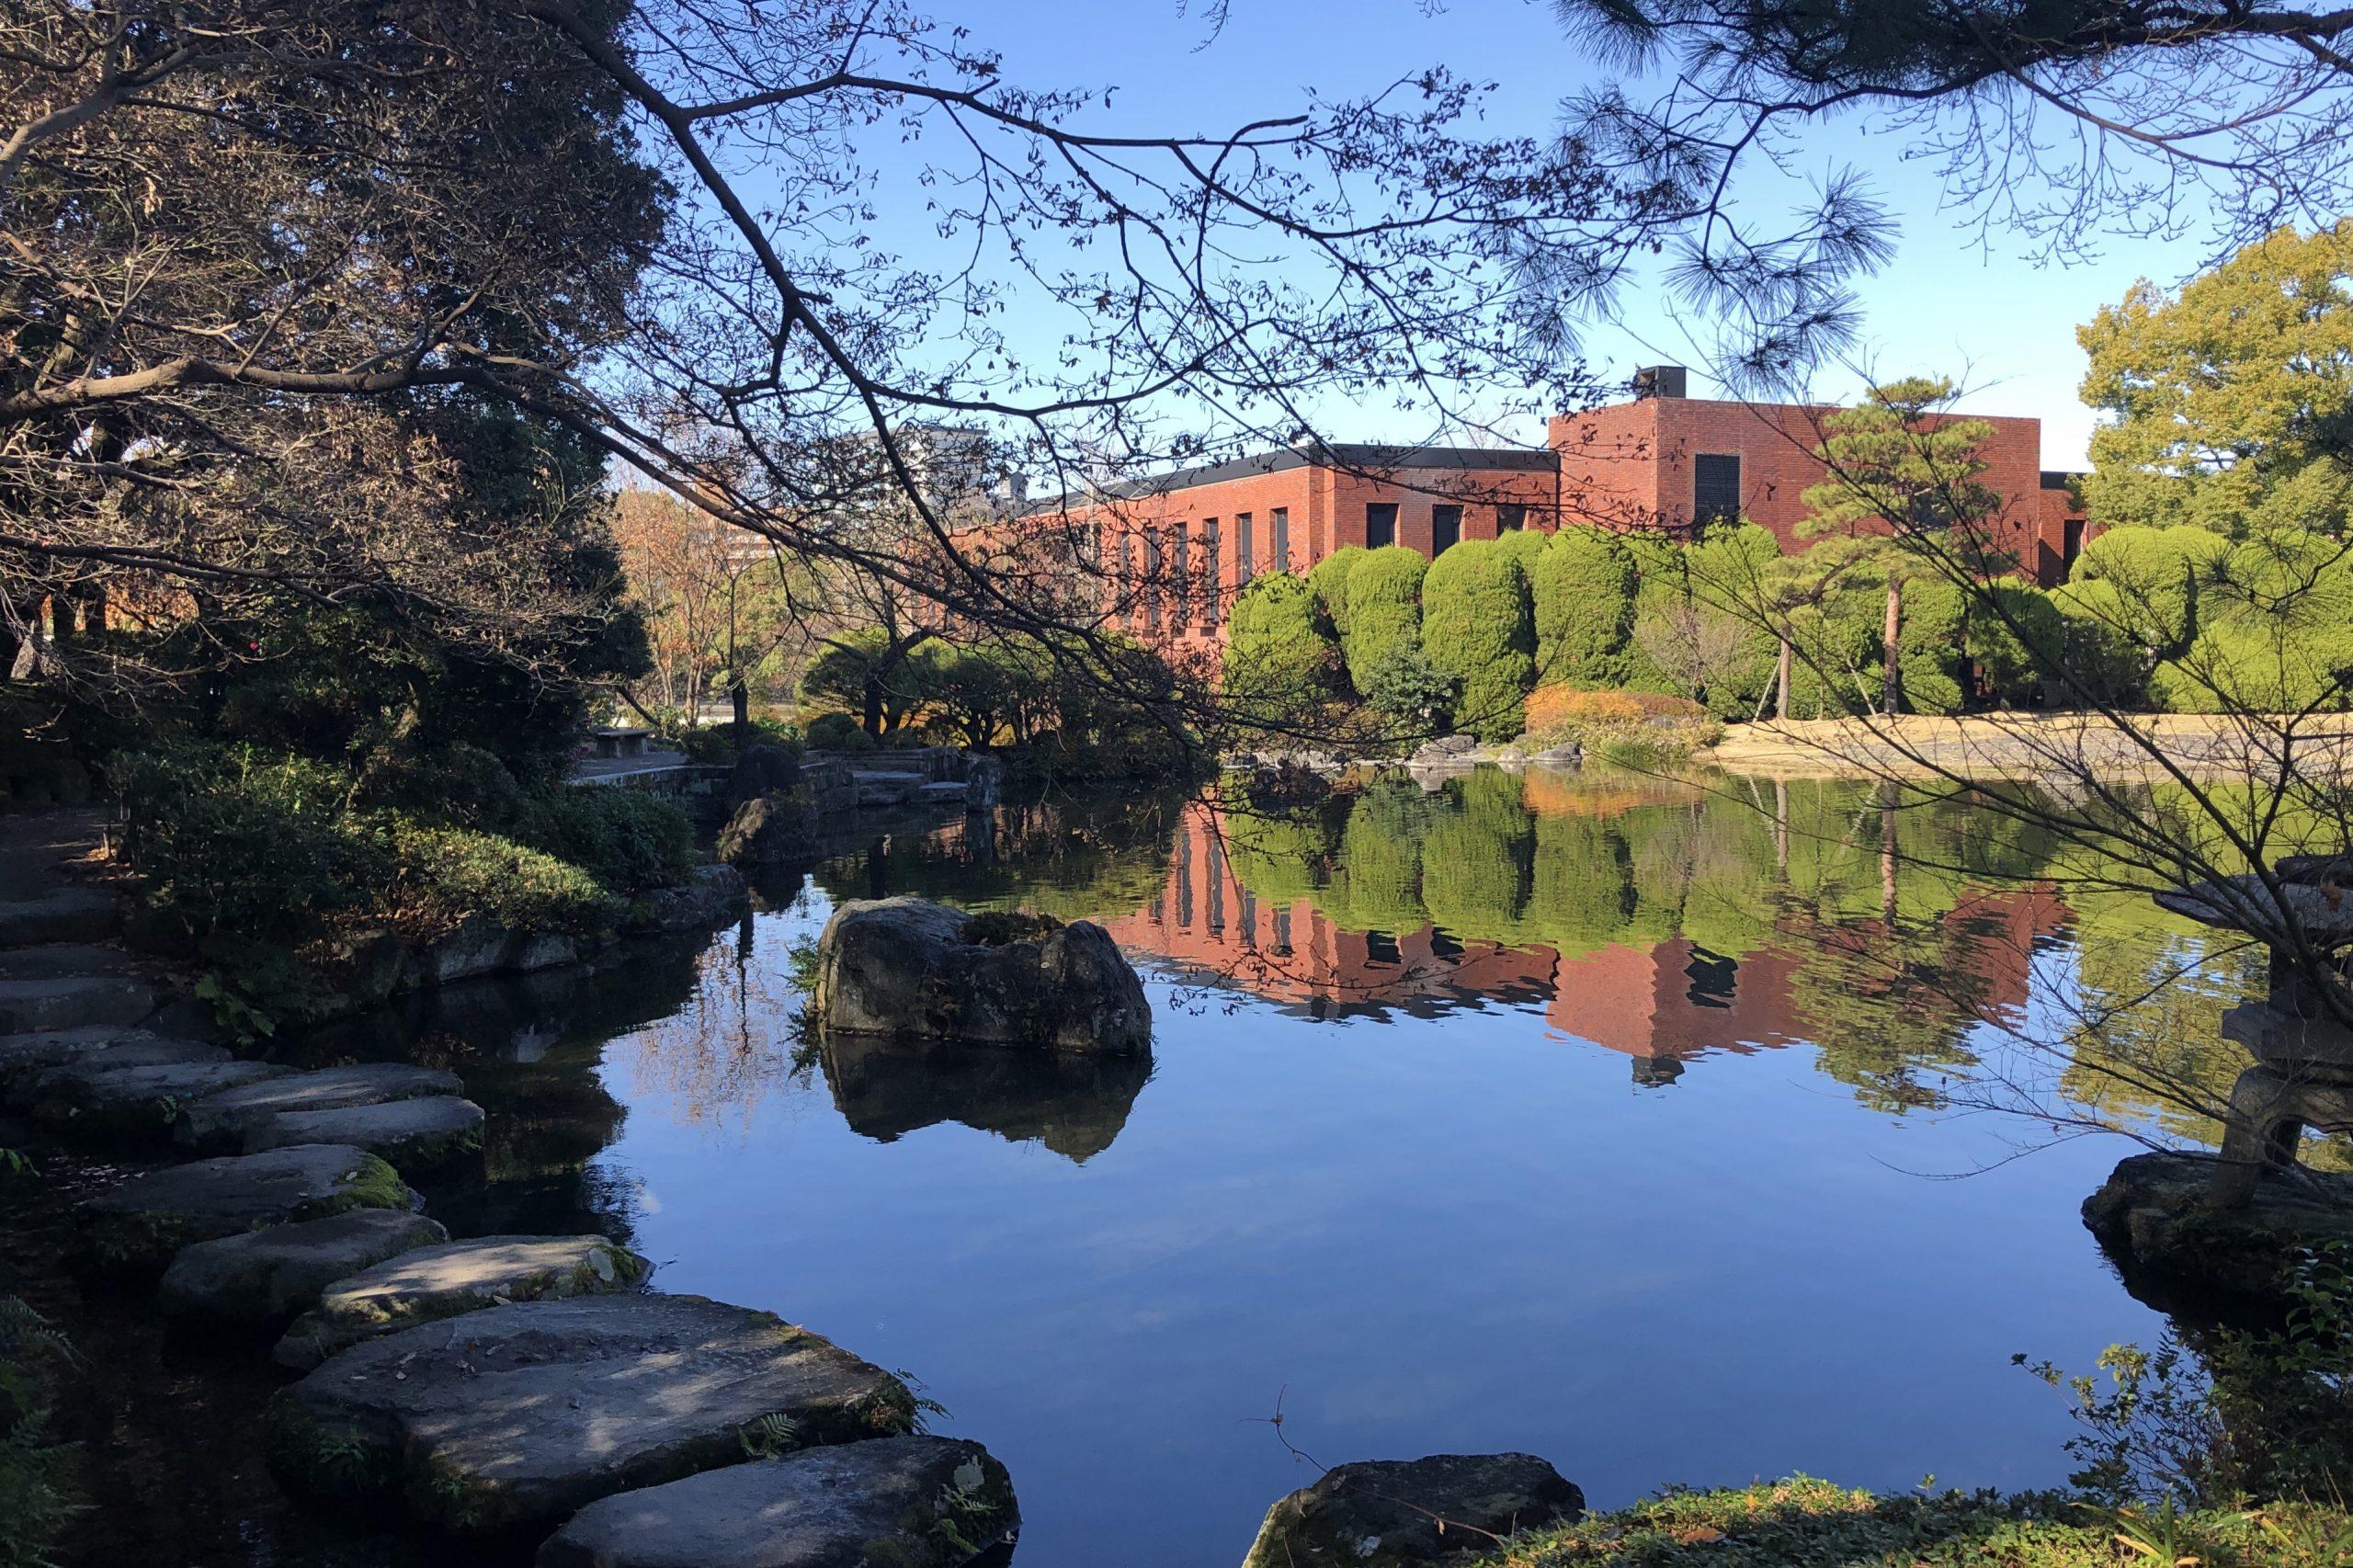 石橋文化センター・庭園